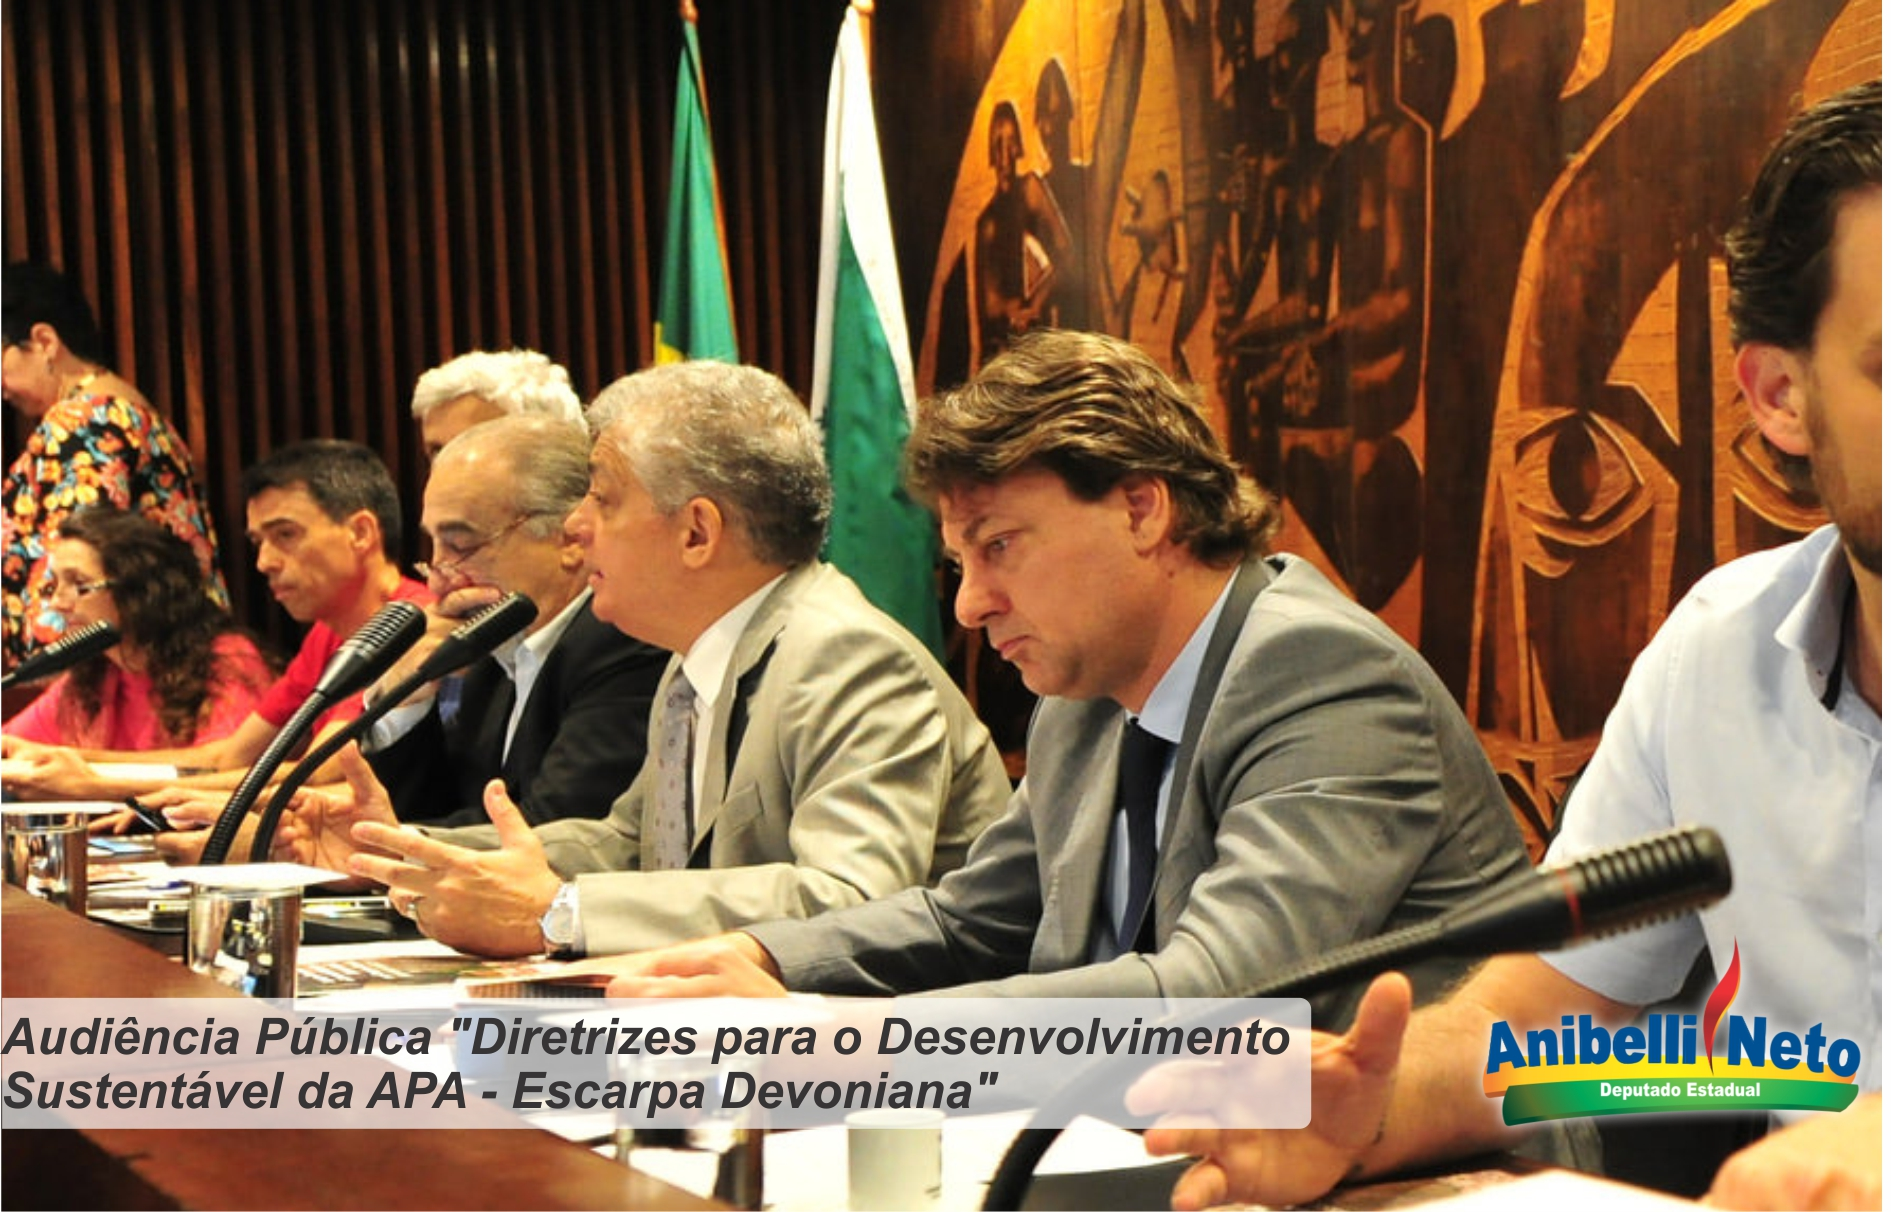 Deputado Anibelli Neto participa de Estudo sobre diretrizes para o uso sustentável da APA da Escarpa Devoniana.